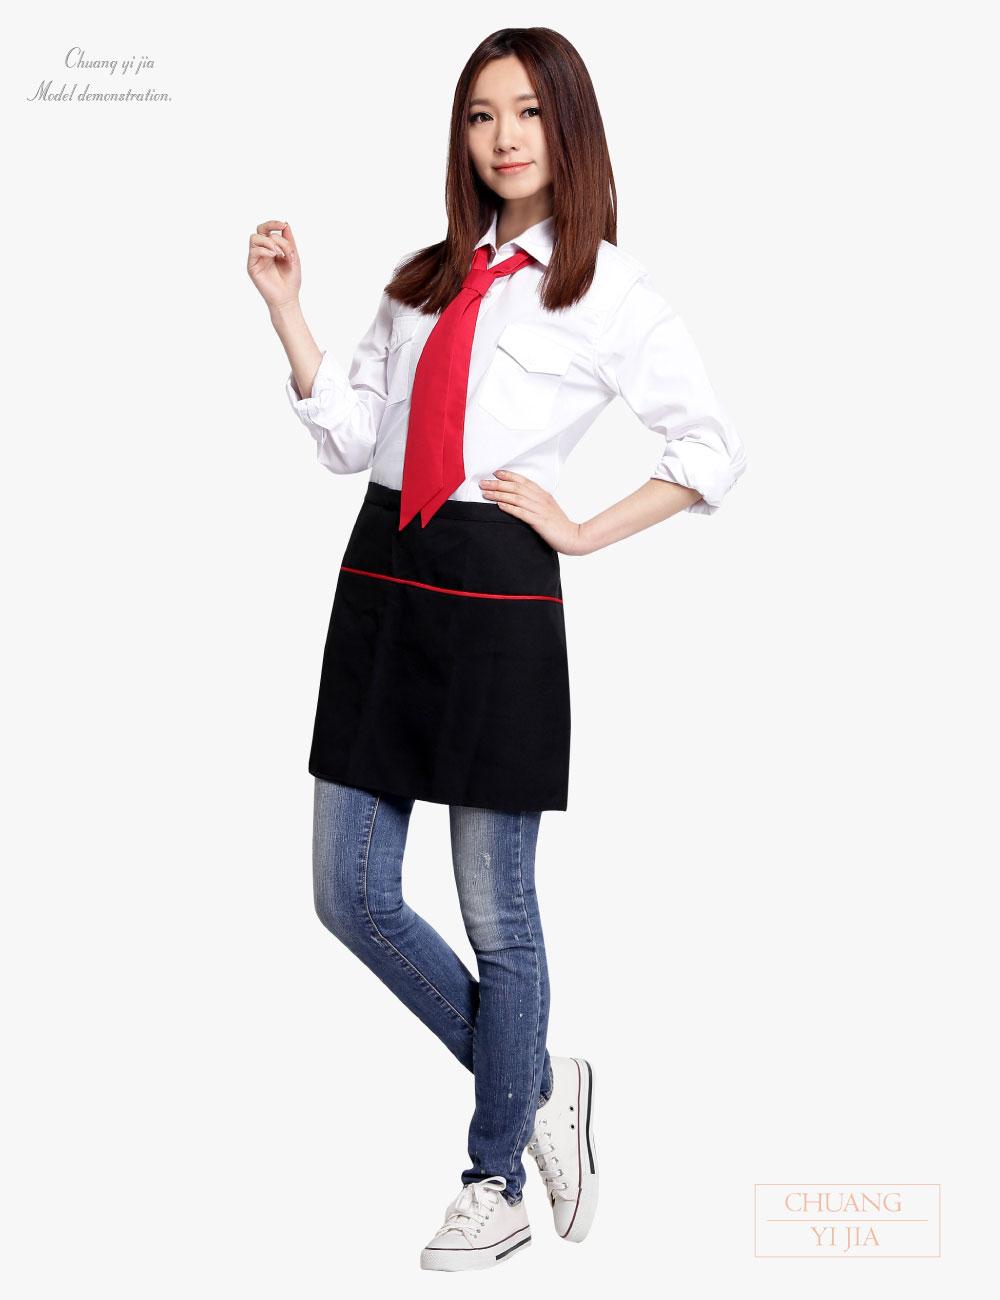 外場圍裙半截,廚師圍裙,烘培圍裙,園藝圍裙,防髒圍裙,日式圍裙,半截圍裙,圍裙訂製,職人日式圍裙圍